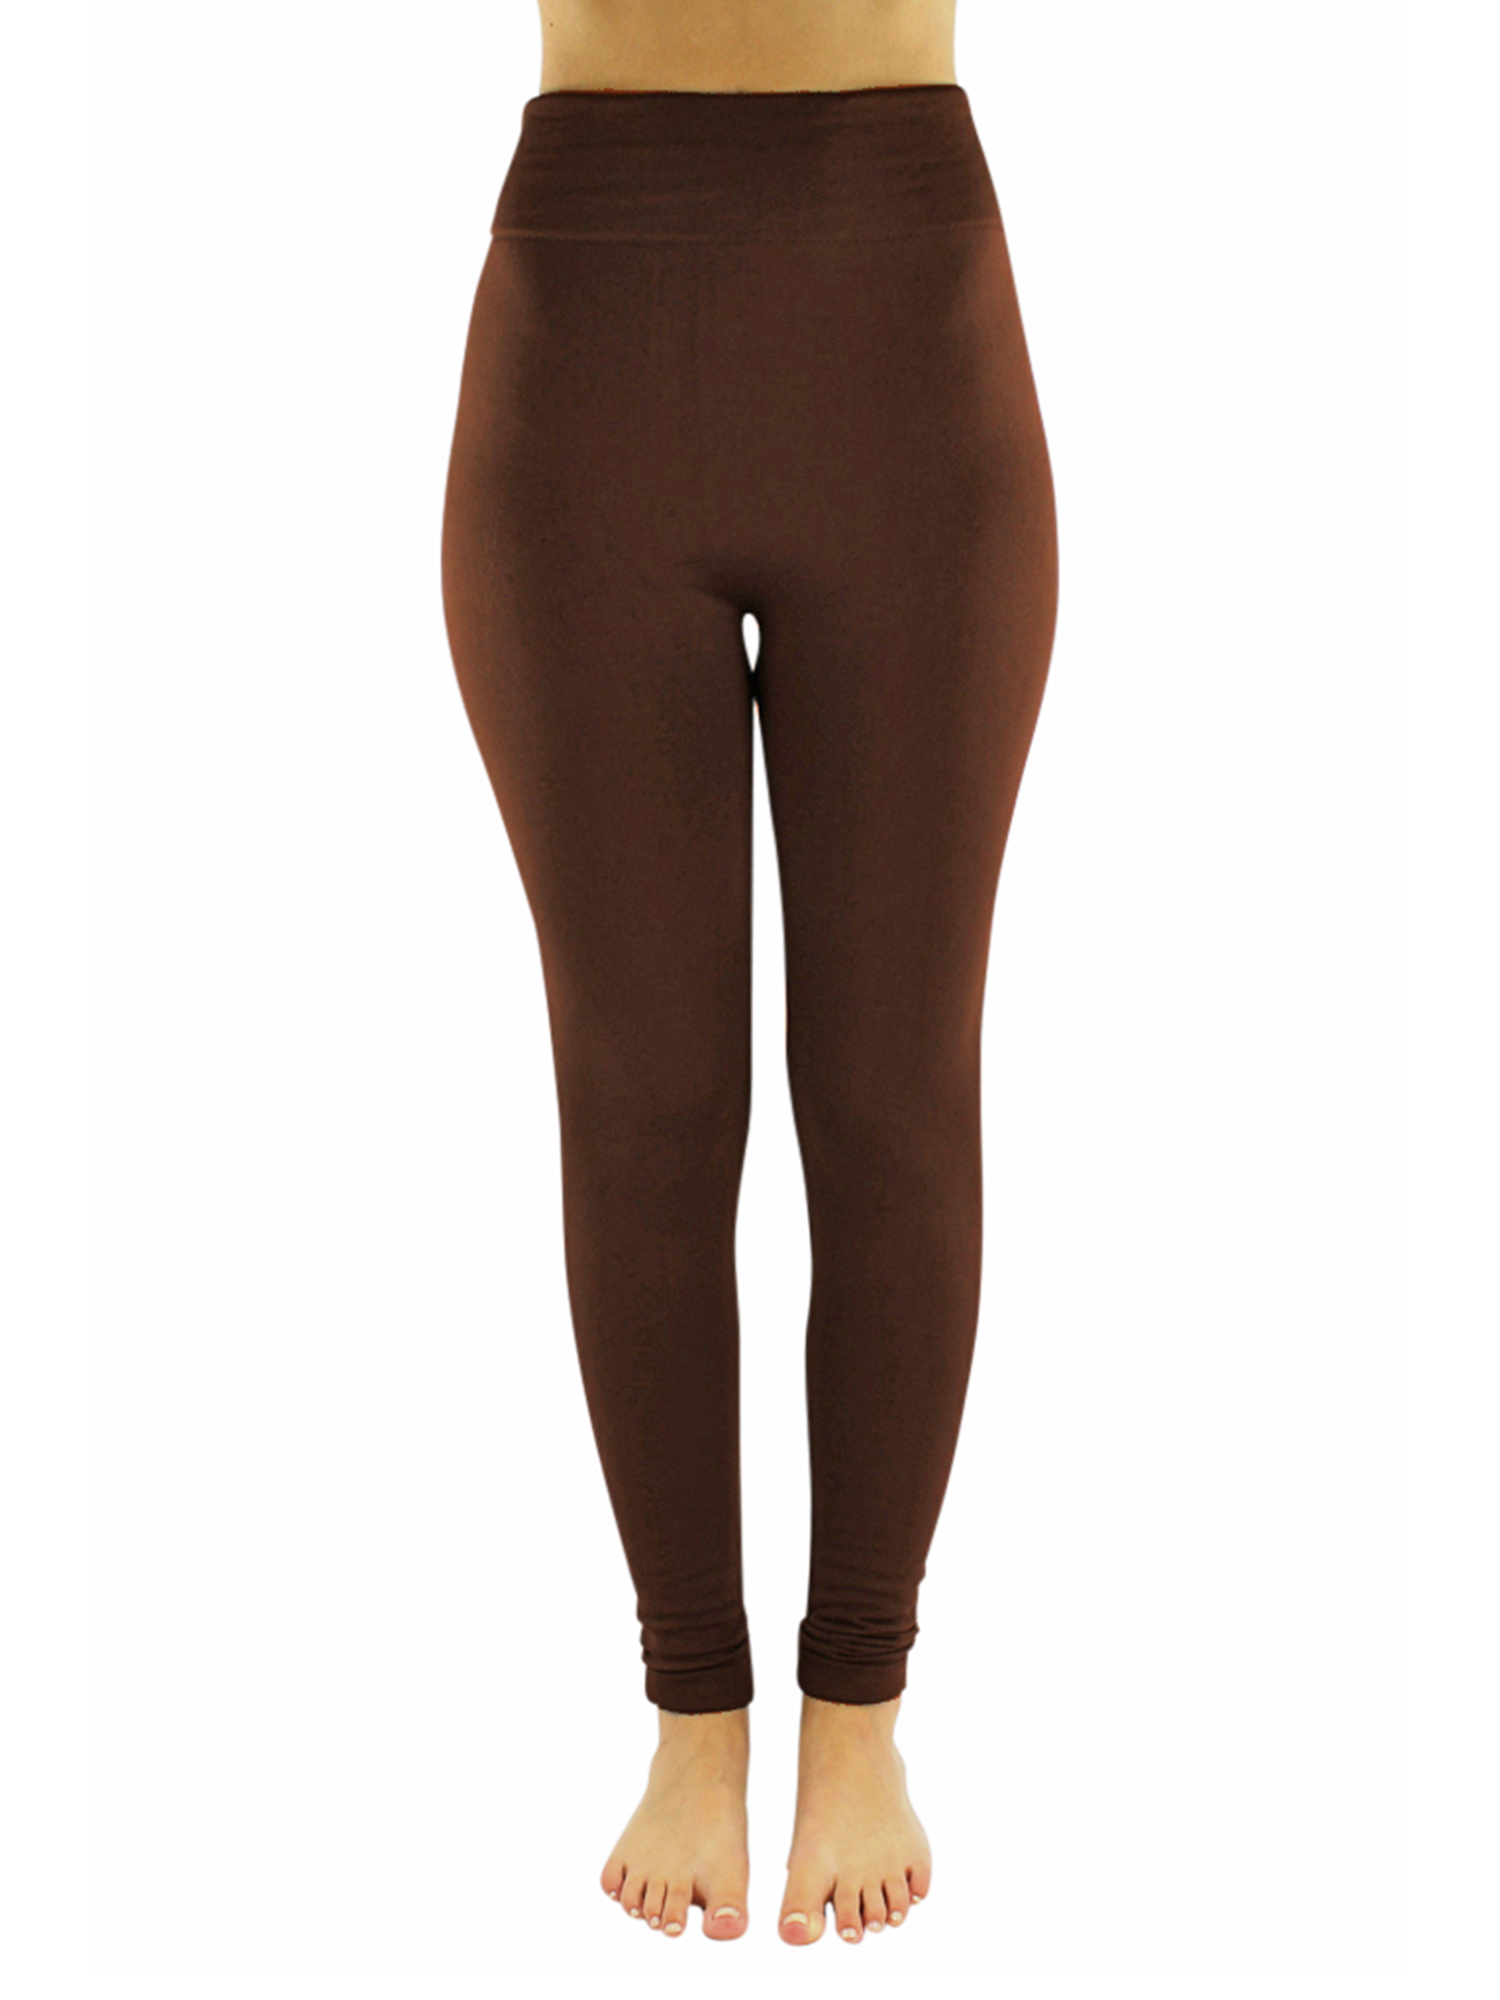 46a342dcc3ad8 Luxury Divas - Heavy Fleece Lined Leggings For Women - Walmart.com